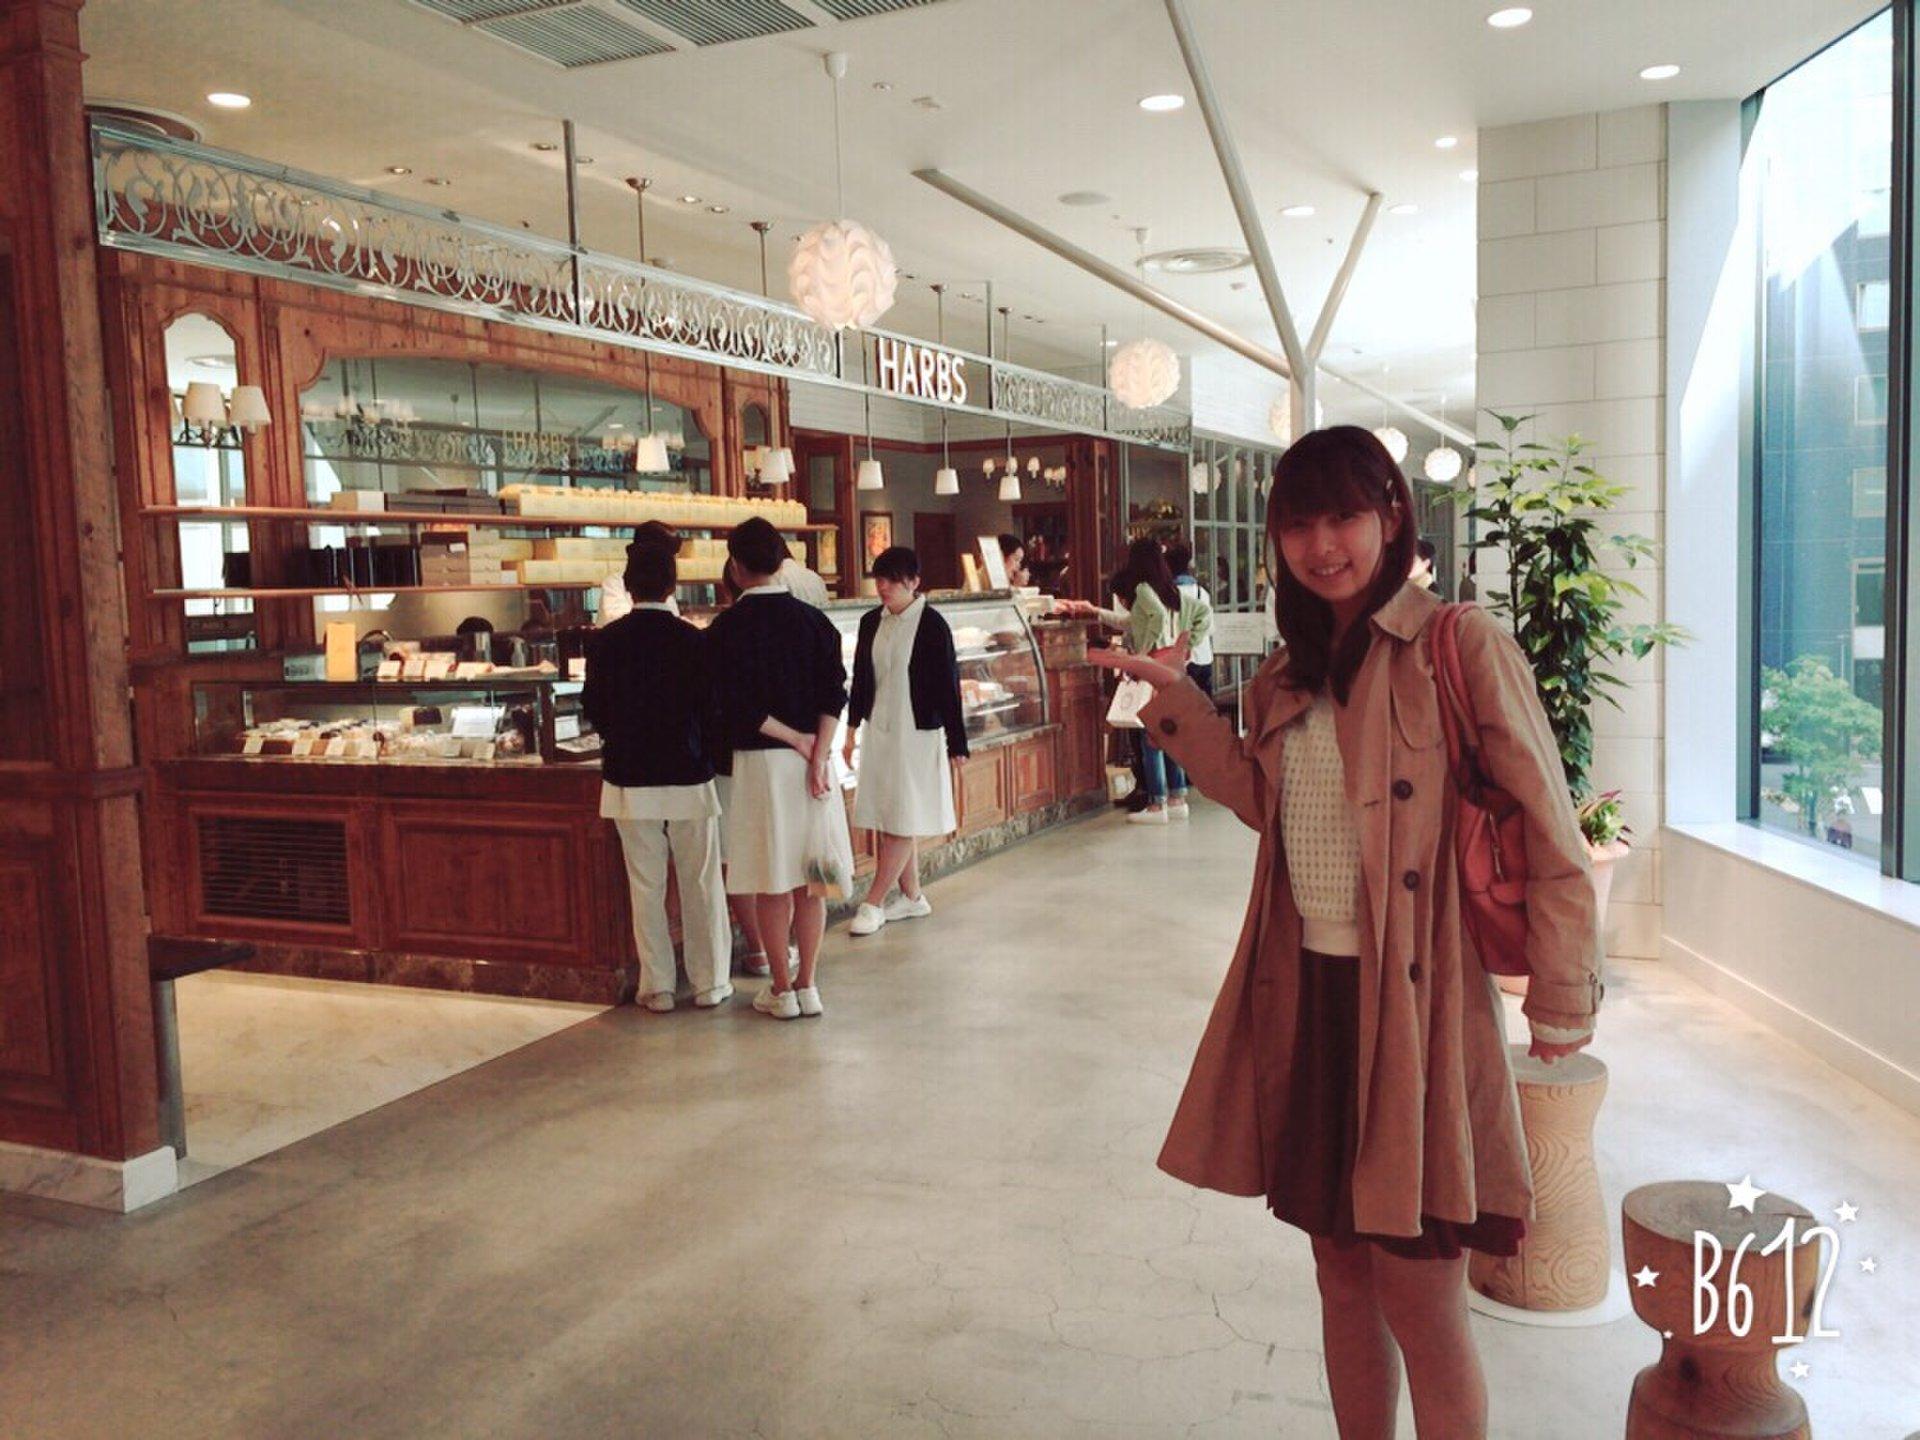 【渋谷】ランチケーキセットでなんと1500円!コスパ完璧の美味しいカフェ♡都内の女子大生におすすめ!